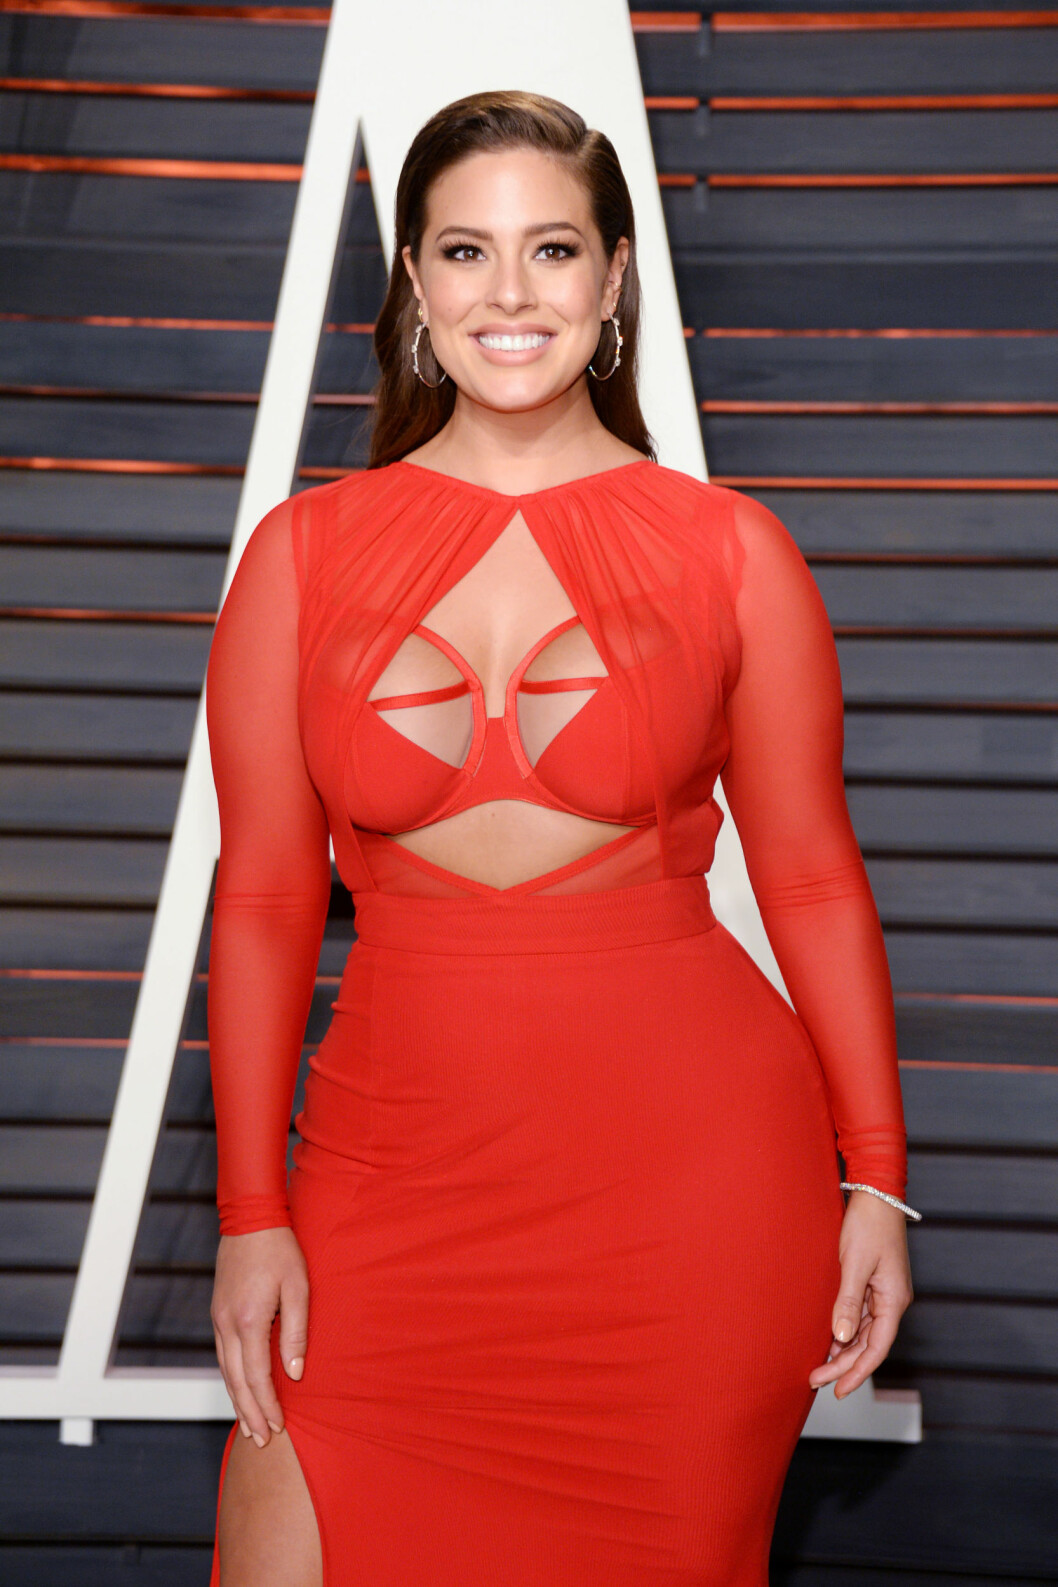 FÅR SKRYT: Ashley Graham fikk mange beundrende blikk for sitt dristige kjolevalg under Oscar-etterfesten tidligere i år.  Foto: SipaUSA